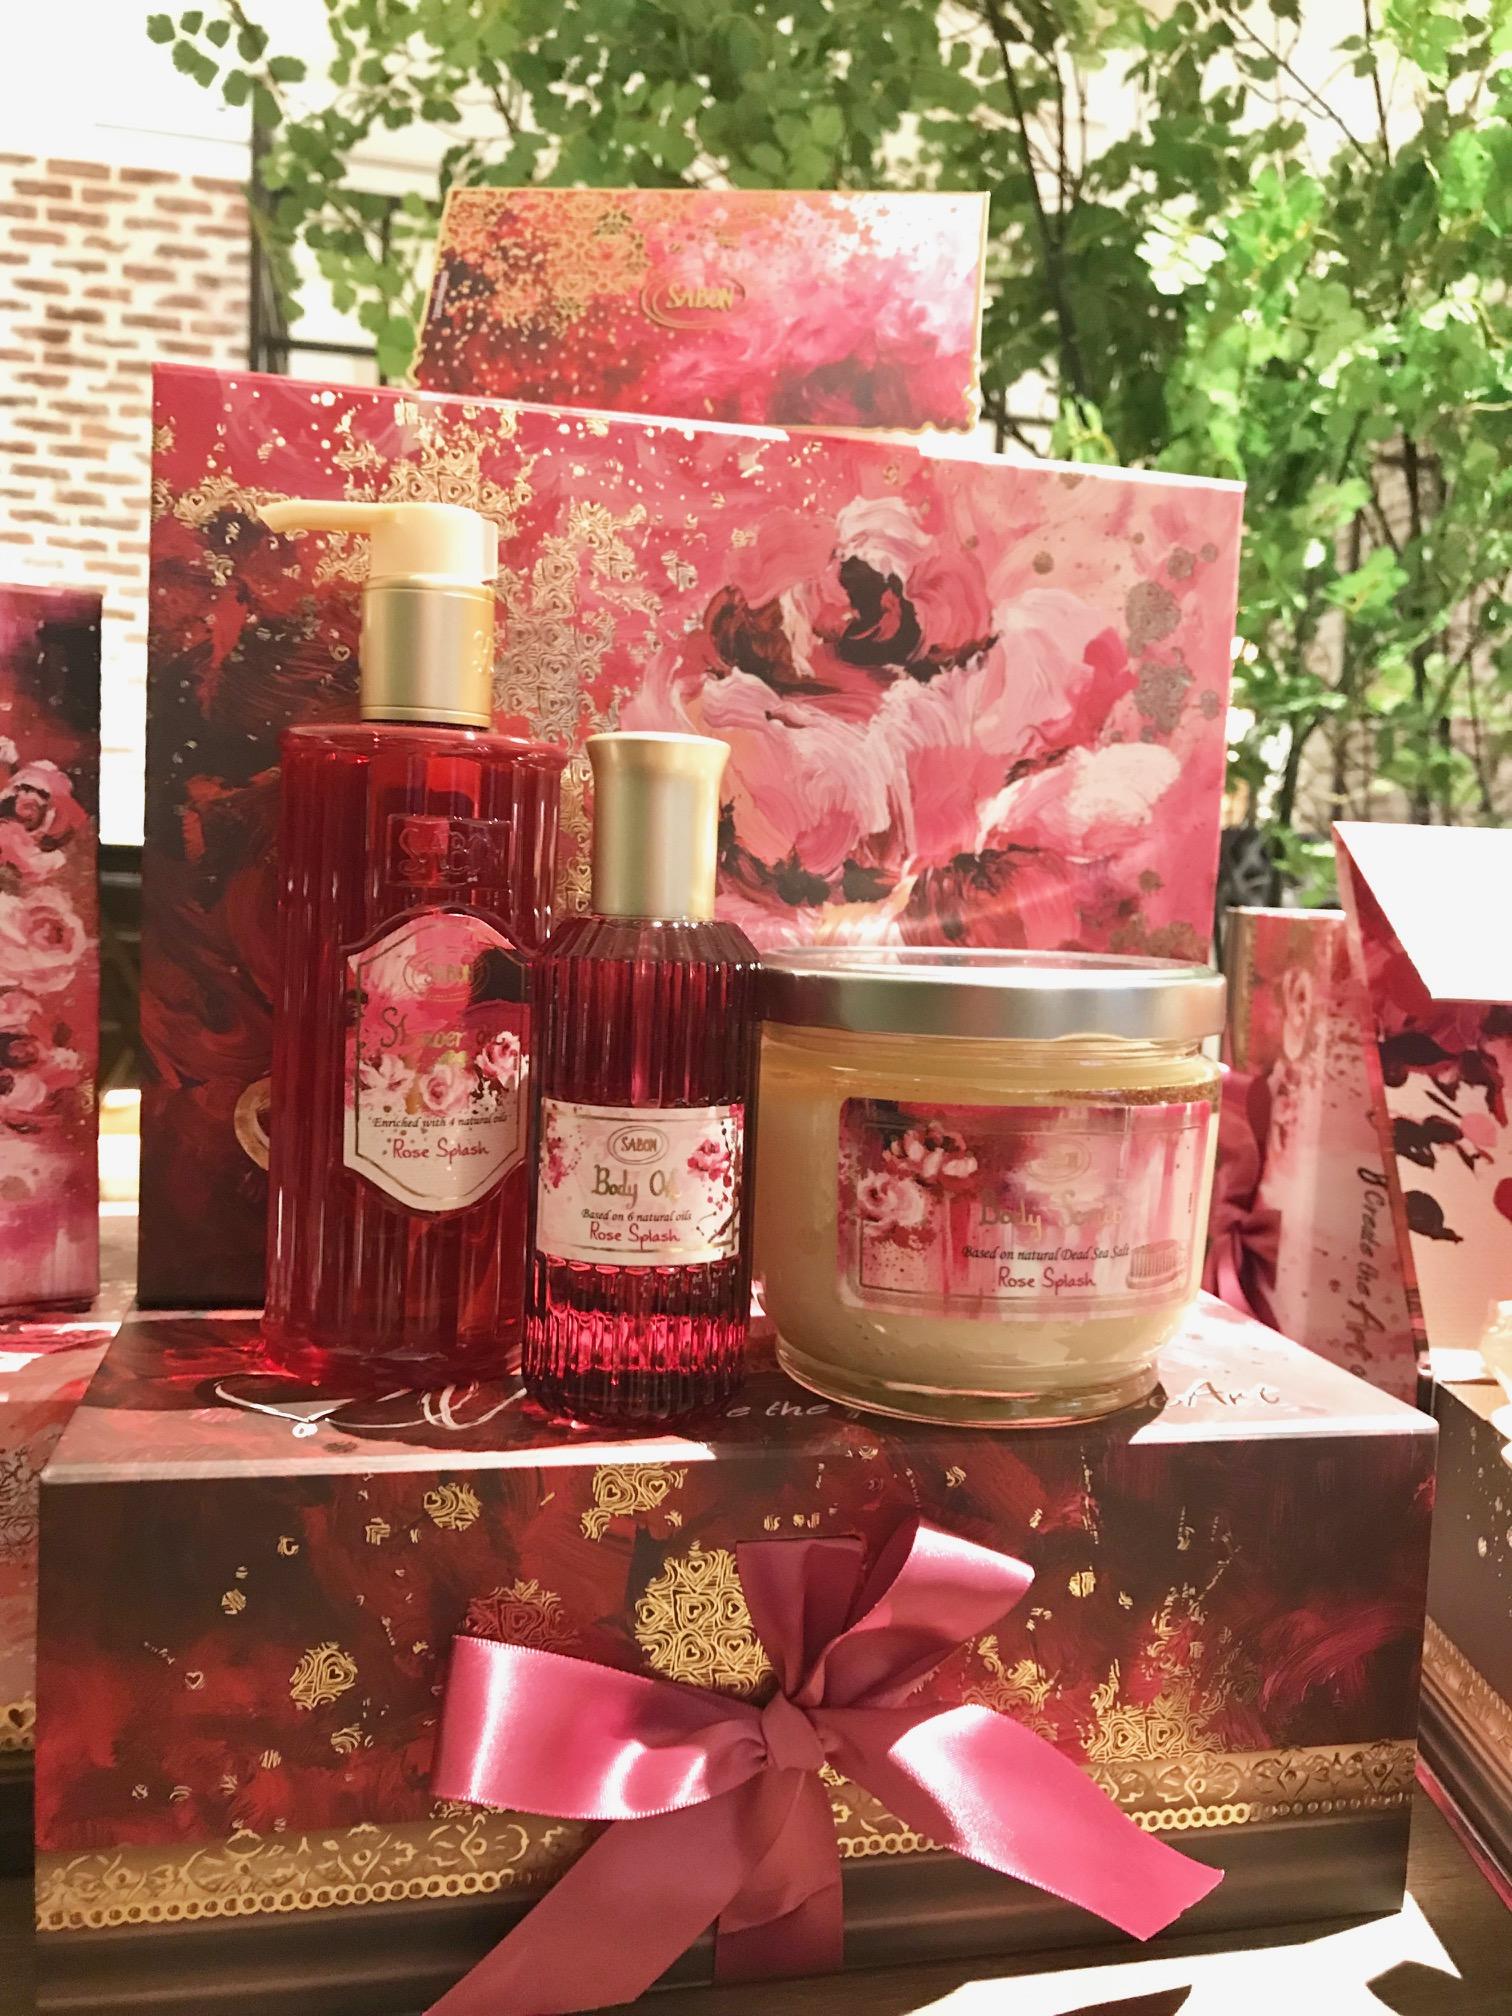 『SABON』が贈る、ローズ香るピンクのディナー(しかも特典つき♡)!! 今度のデートや女子会は『ザ ストリングス 表参道』で_13